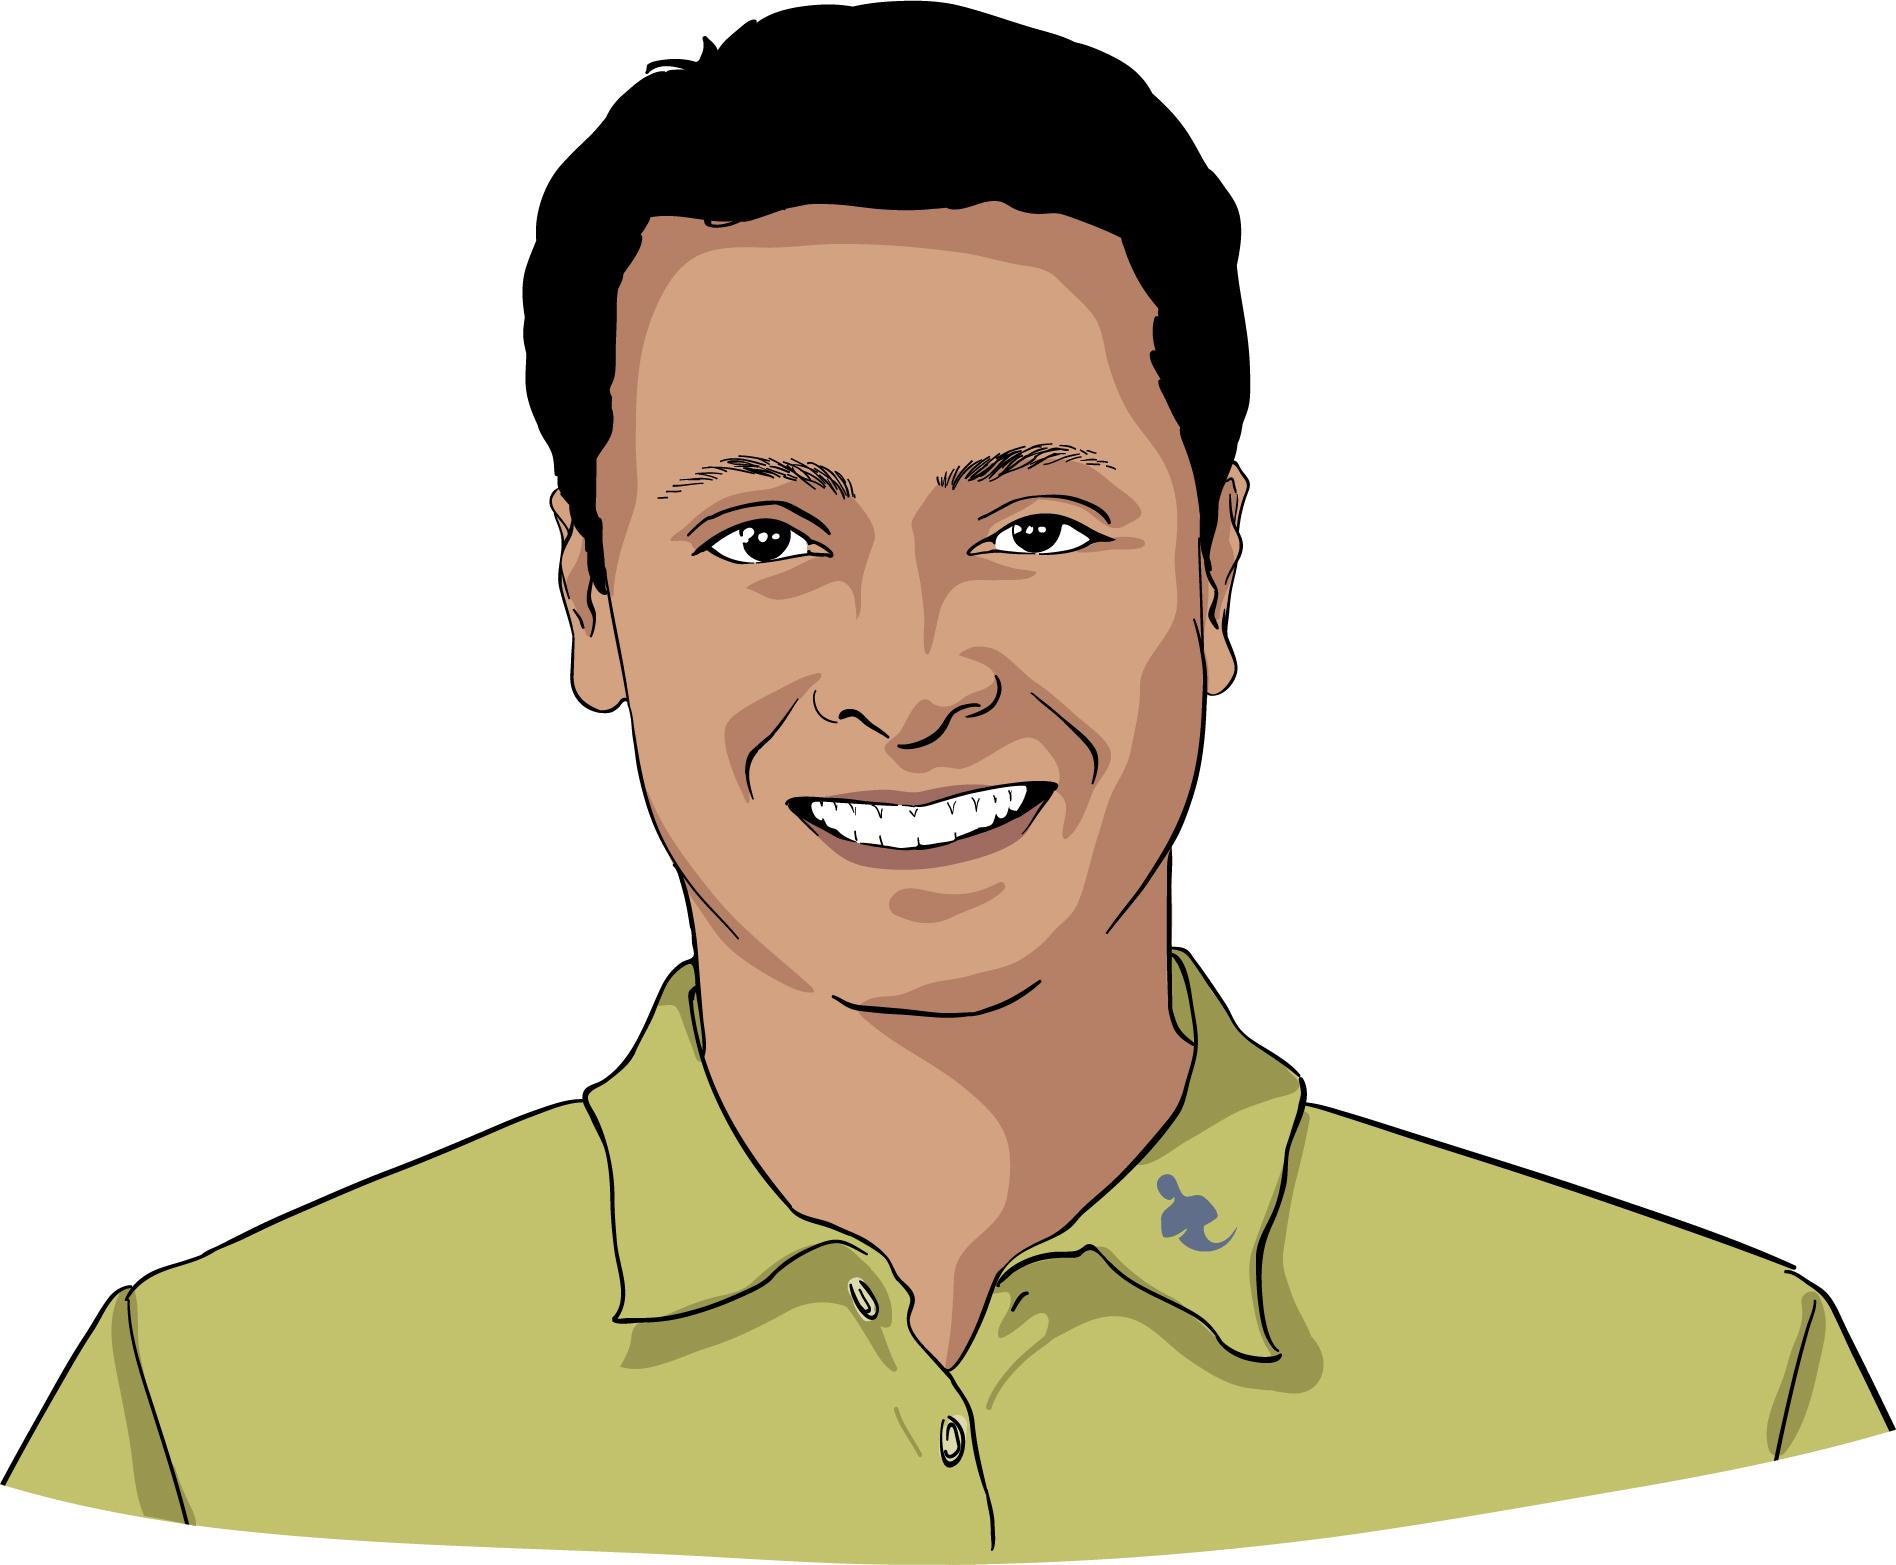 sharran-srivatsaa-headshot-drawn